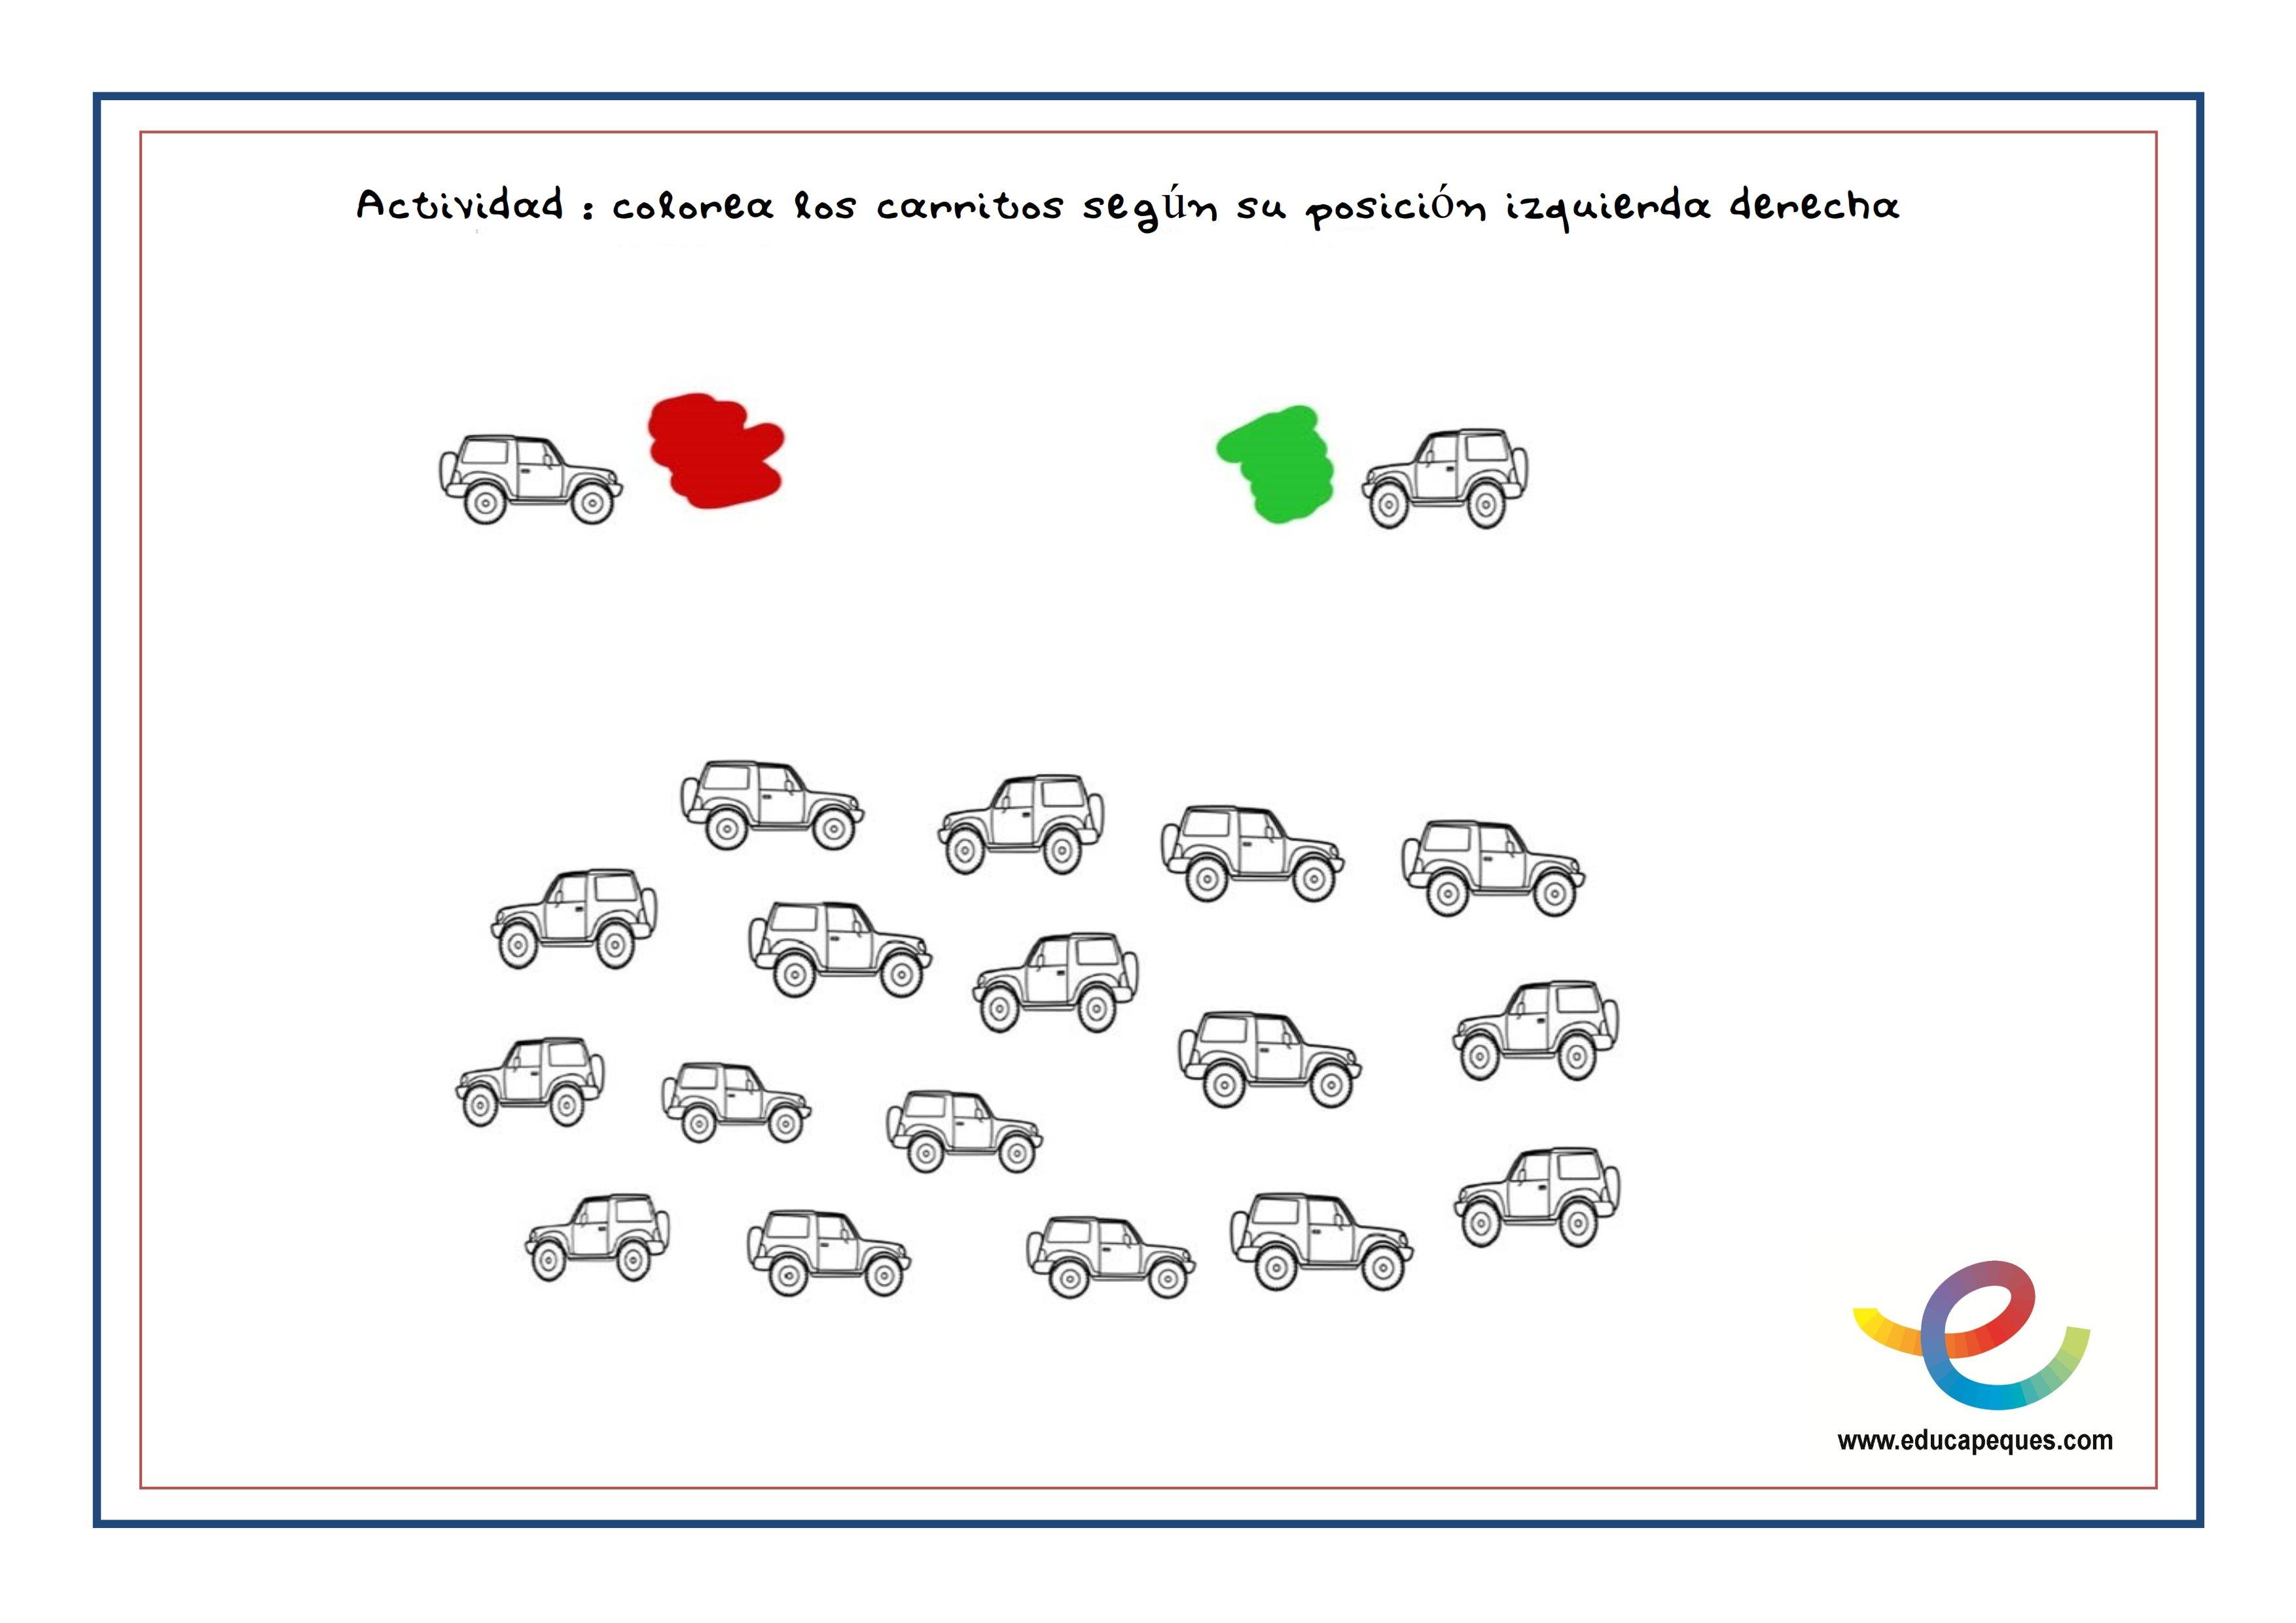 Ejercicios De Lateralidad Cruzada Para Ninos Estimulapeques Ejercicios De Lateralidad Actividades De Aprendizaje Preescolares Actividades